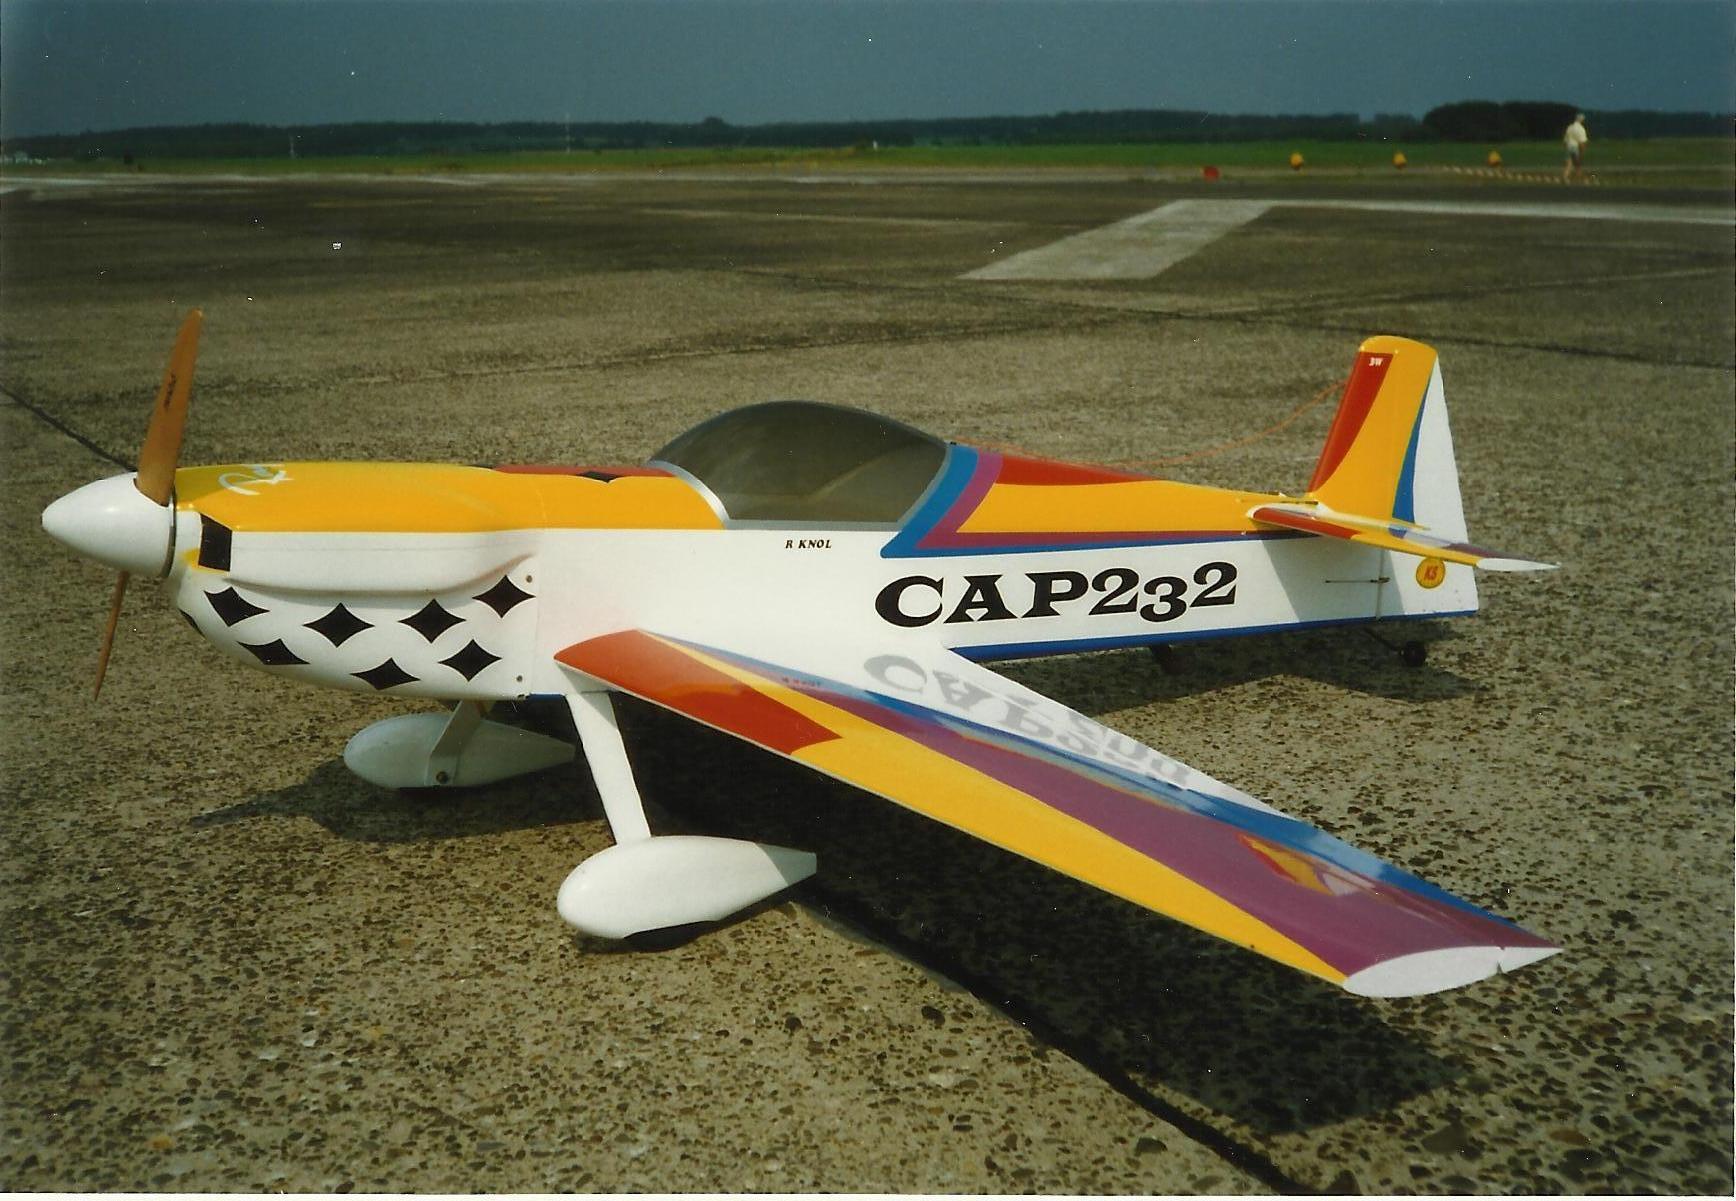 Cap232 - 1,8M - 2